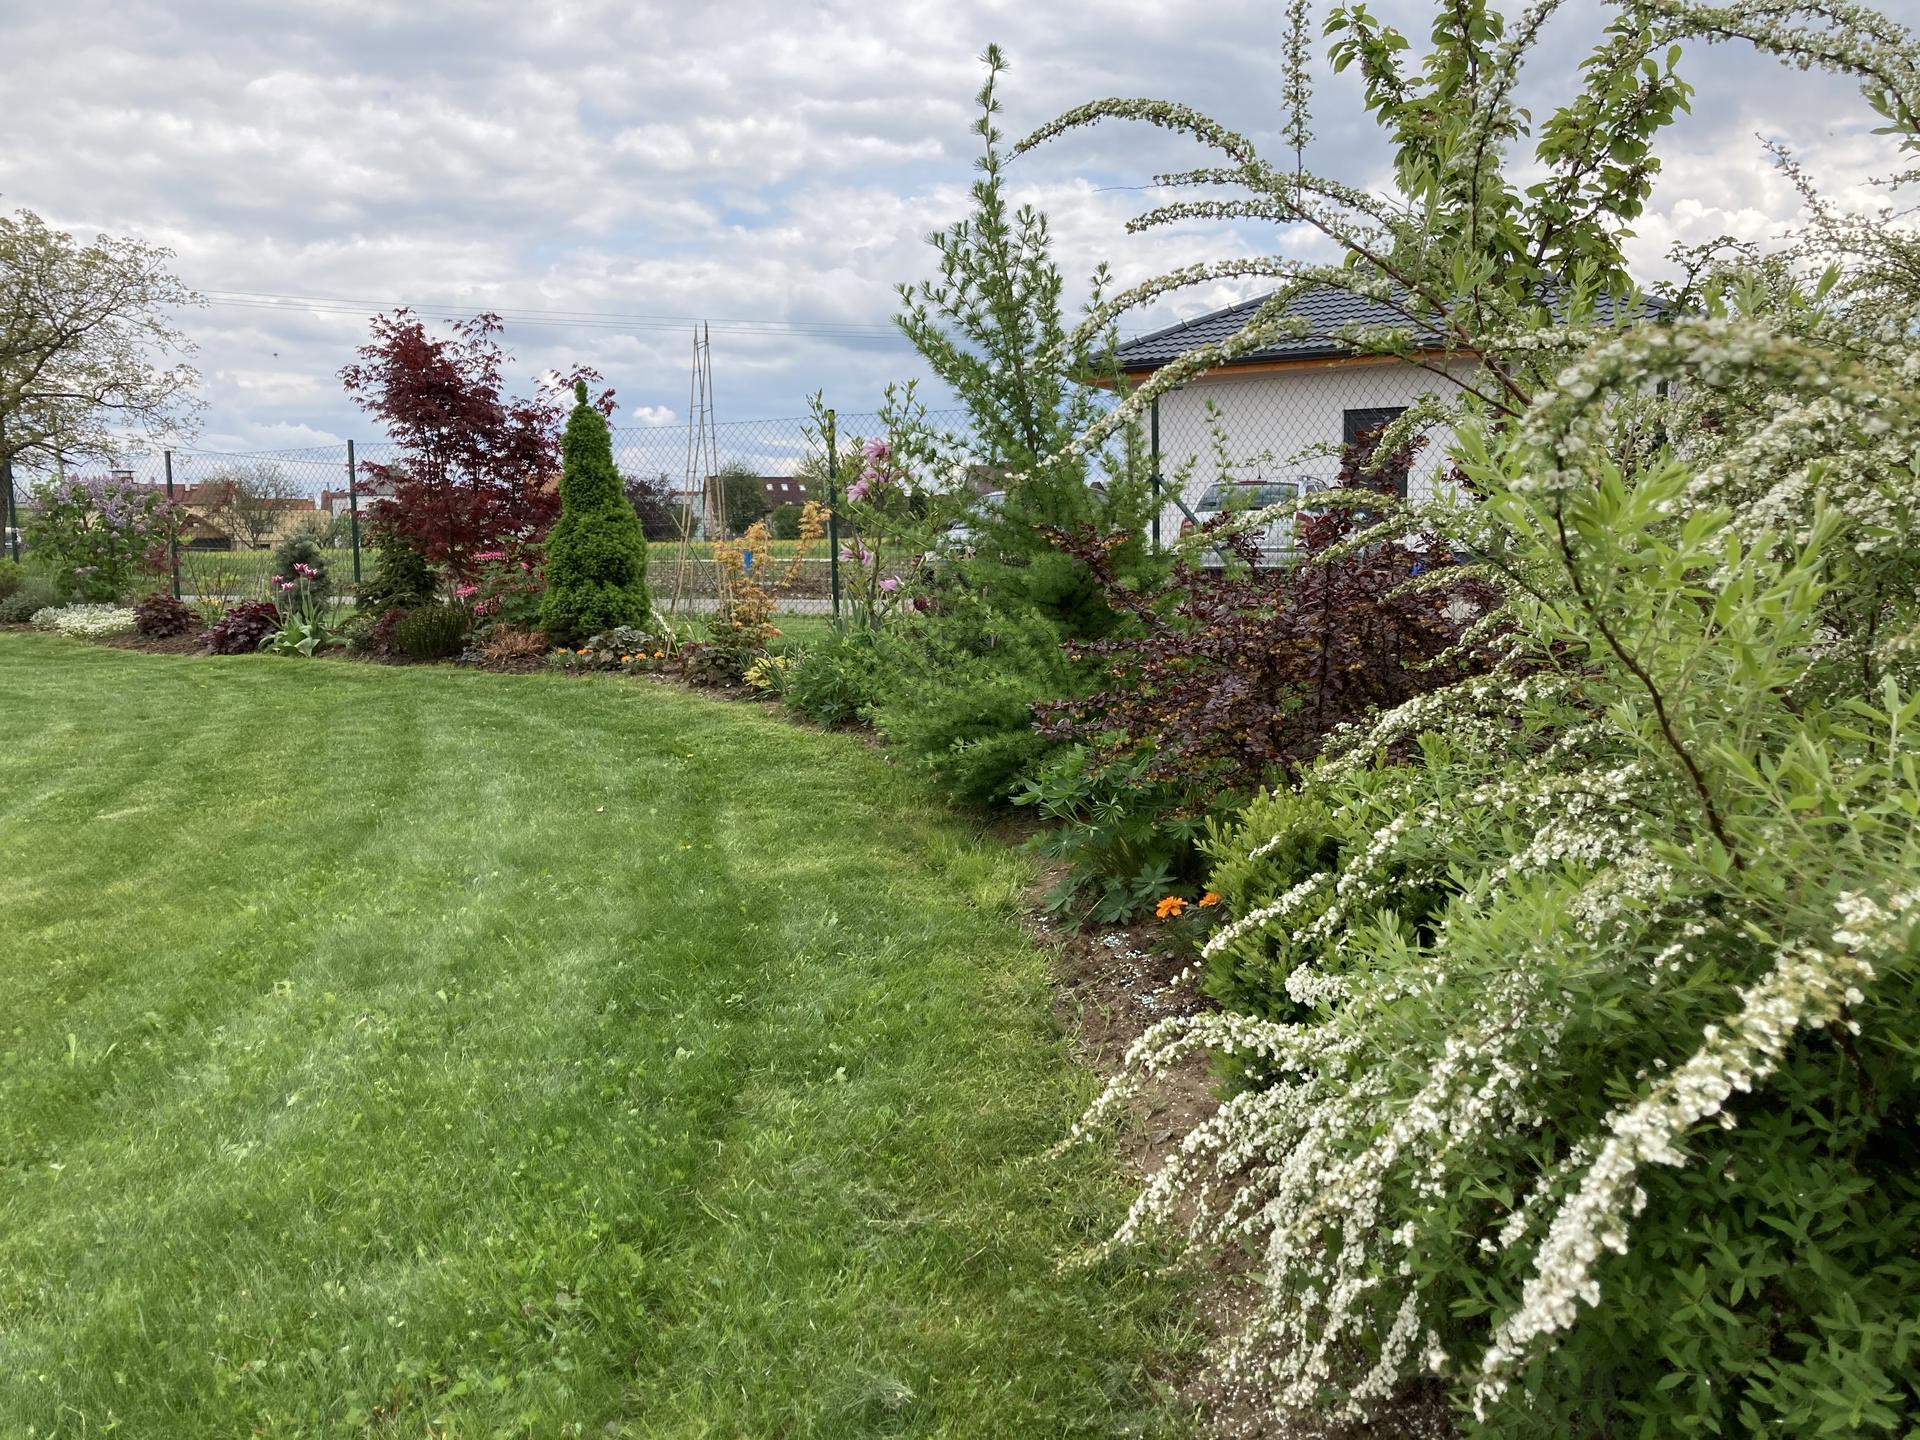 Šestý rok zahradničím - Obrázek č. 21